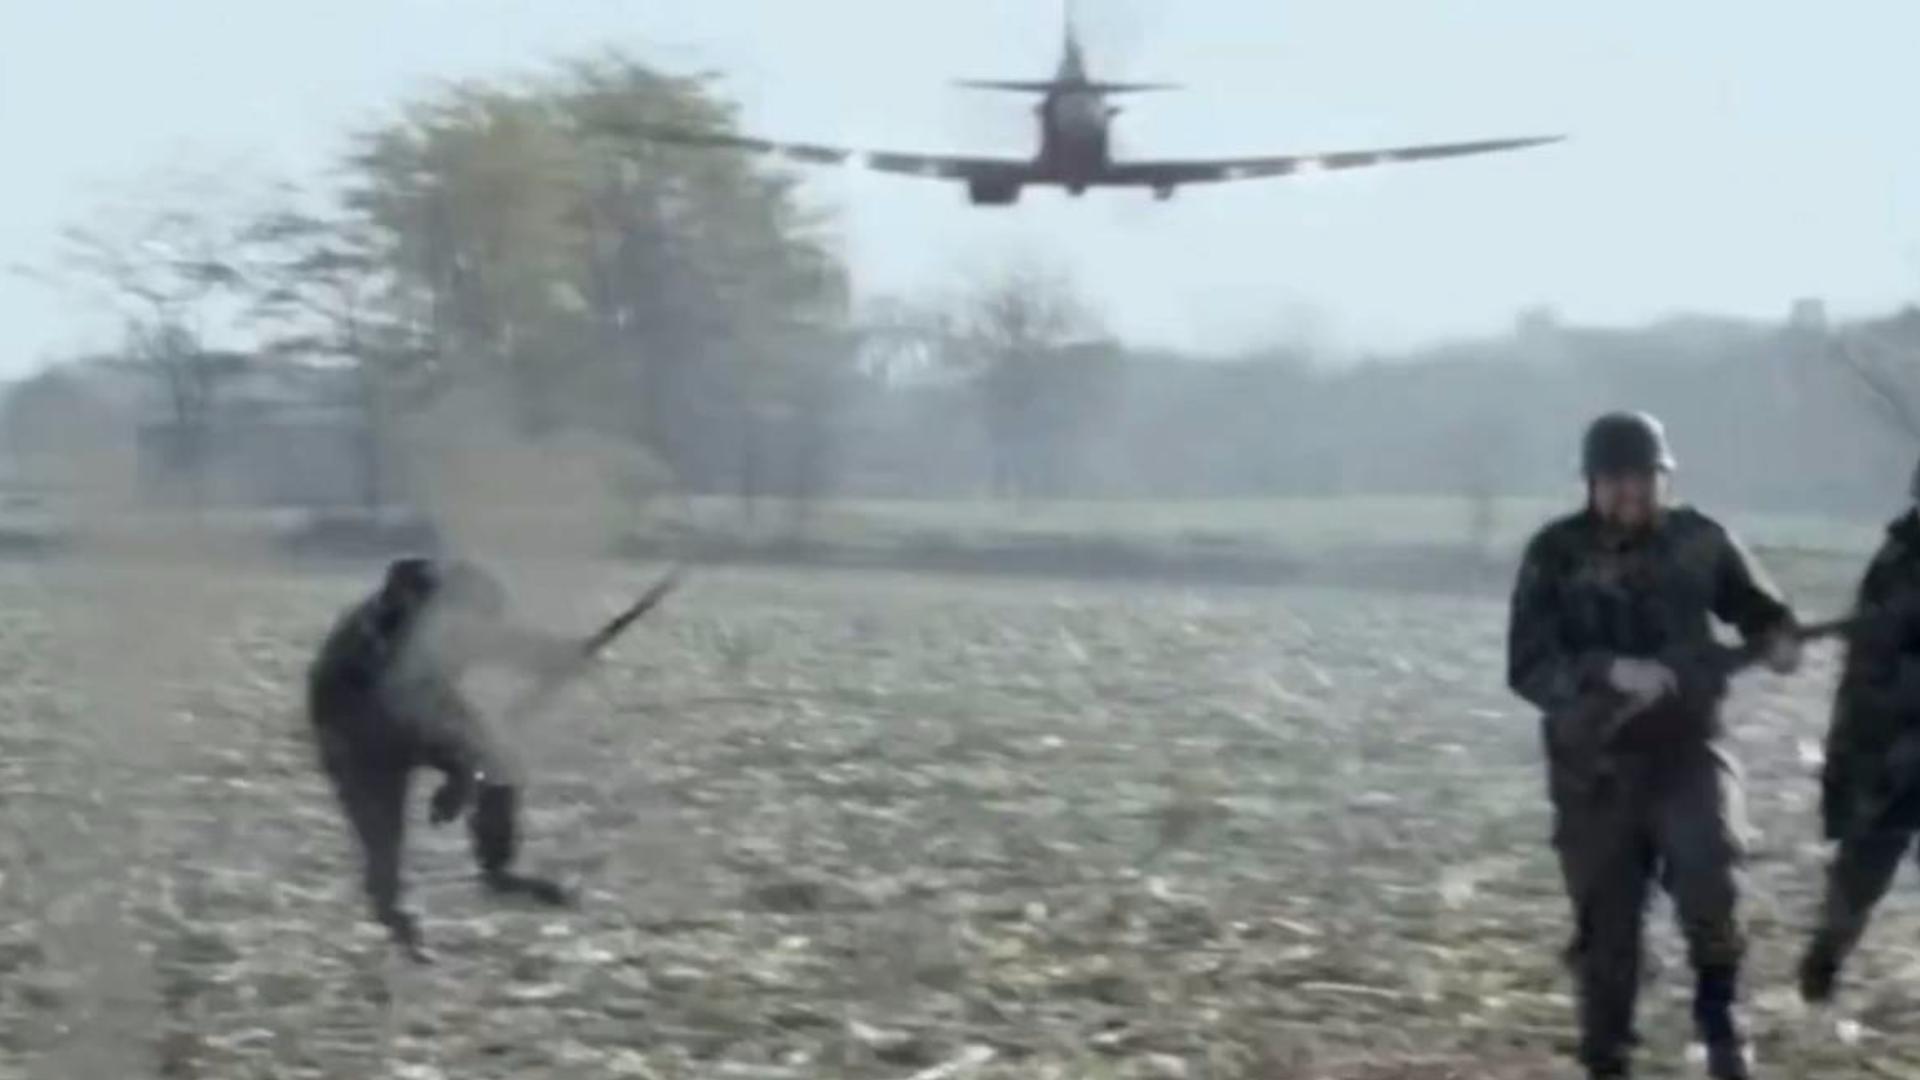 【战争影视合集·第28期】战机大舔地 美国壕,德国准,英国疯,苏联狂!